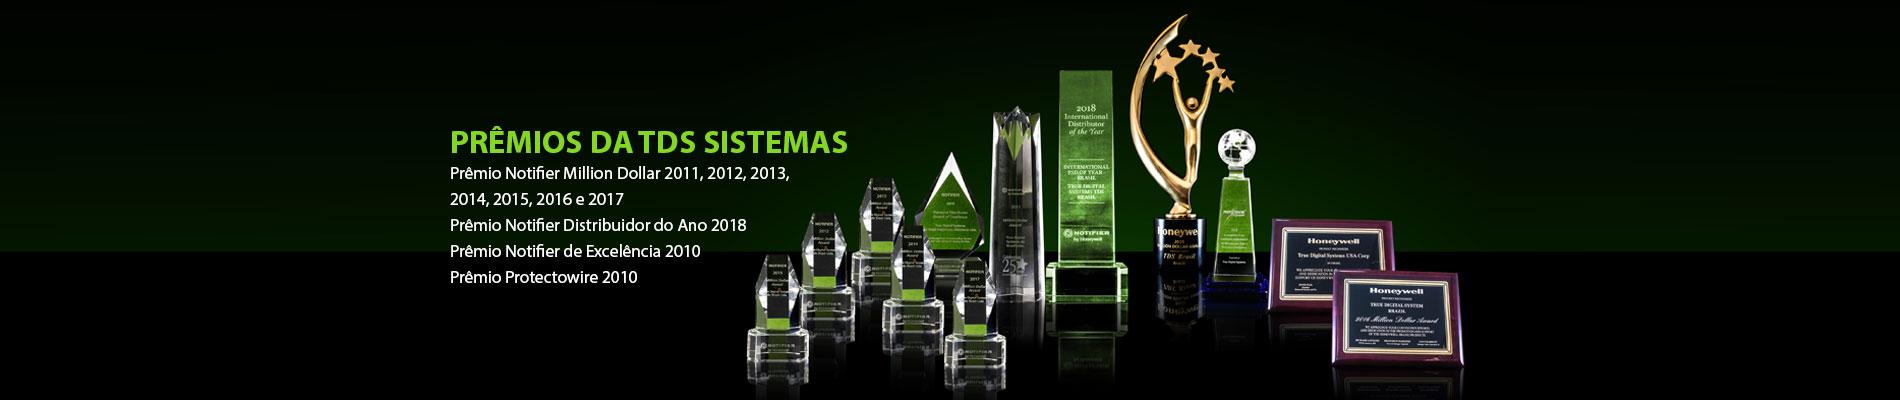 Prêmios